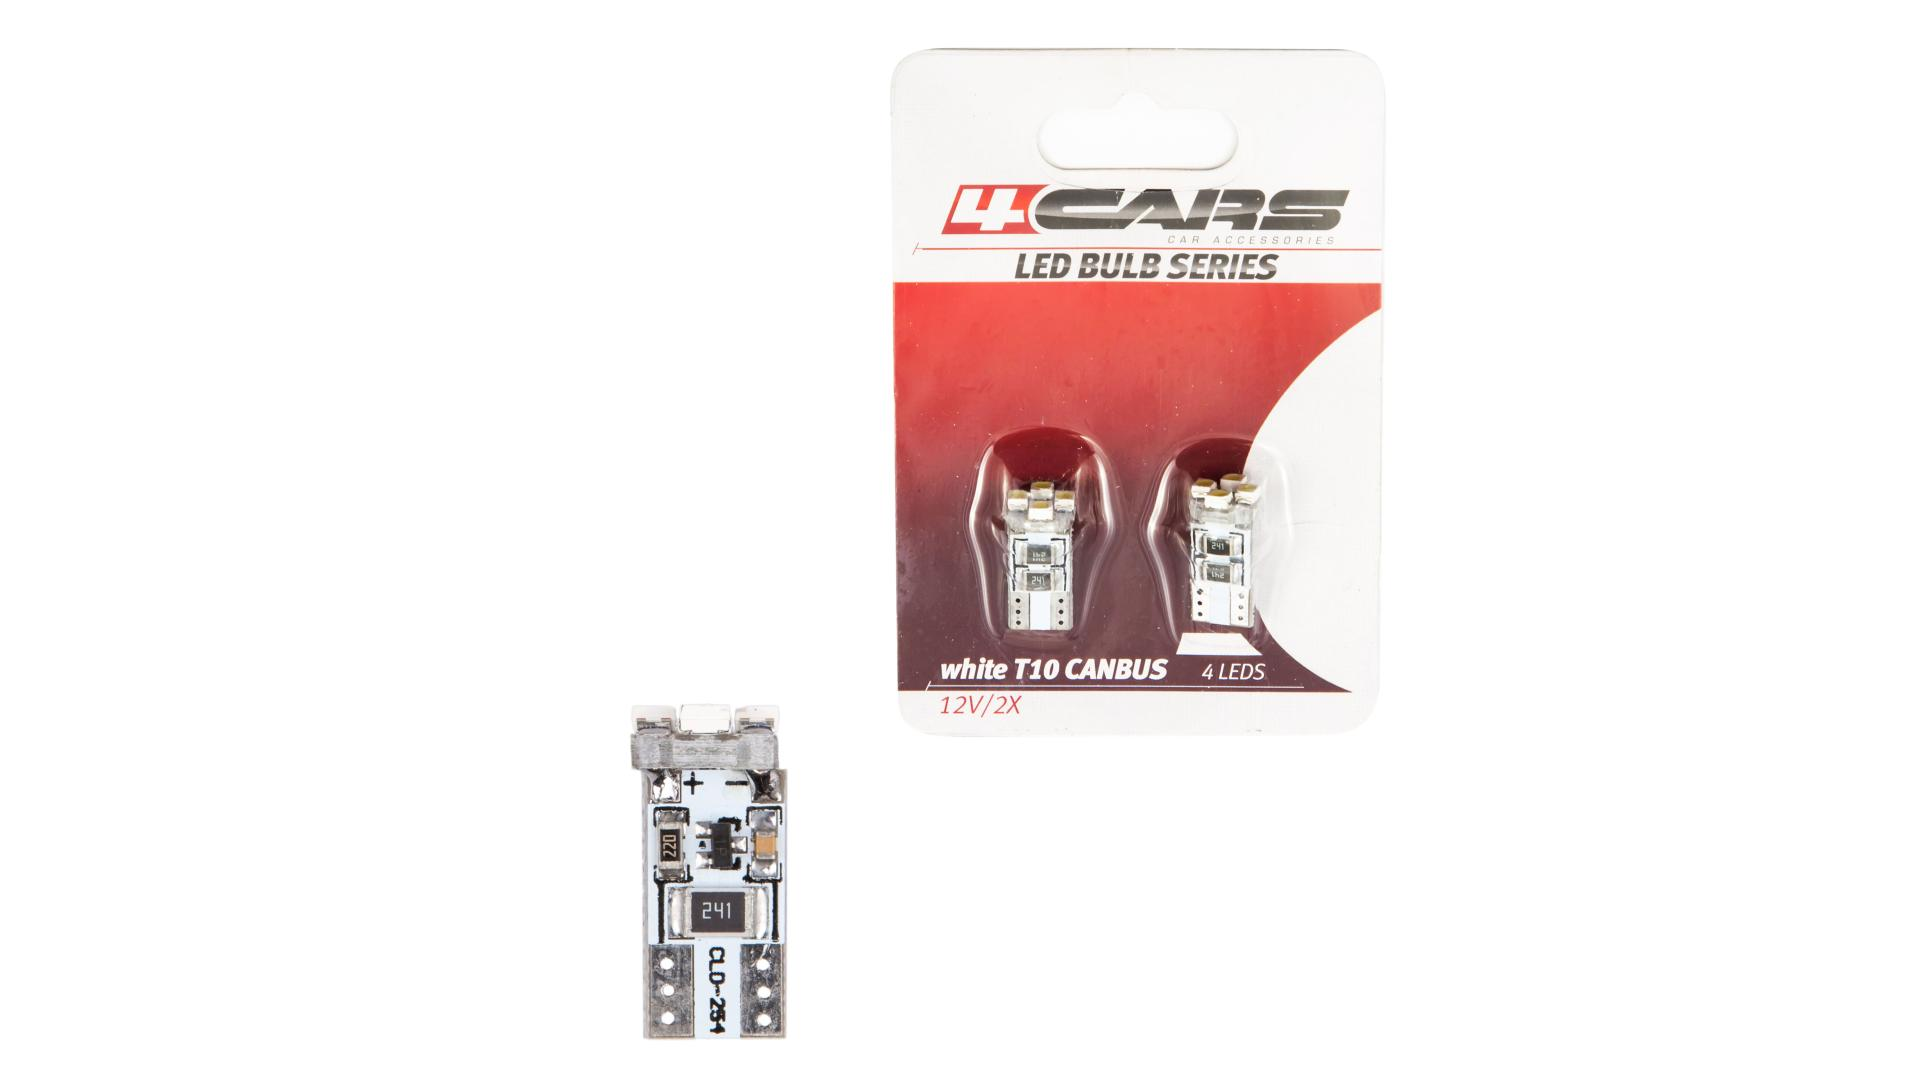 4CARS LED ŽIAROVKA 4LED 12V CANBUS 3528SMD T10